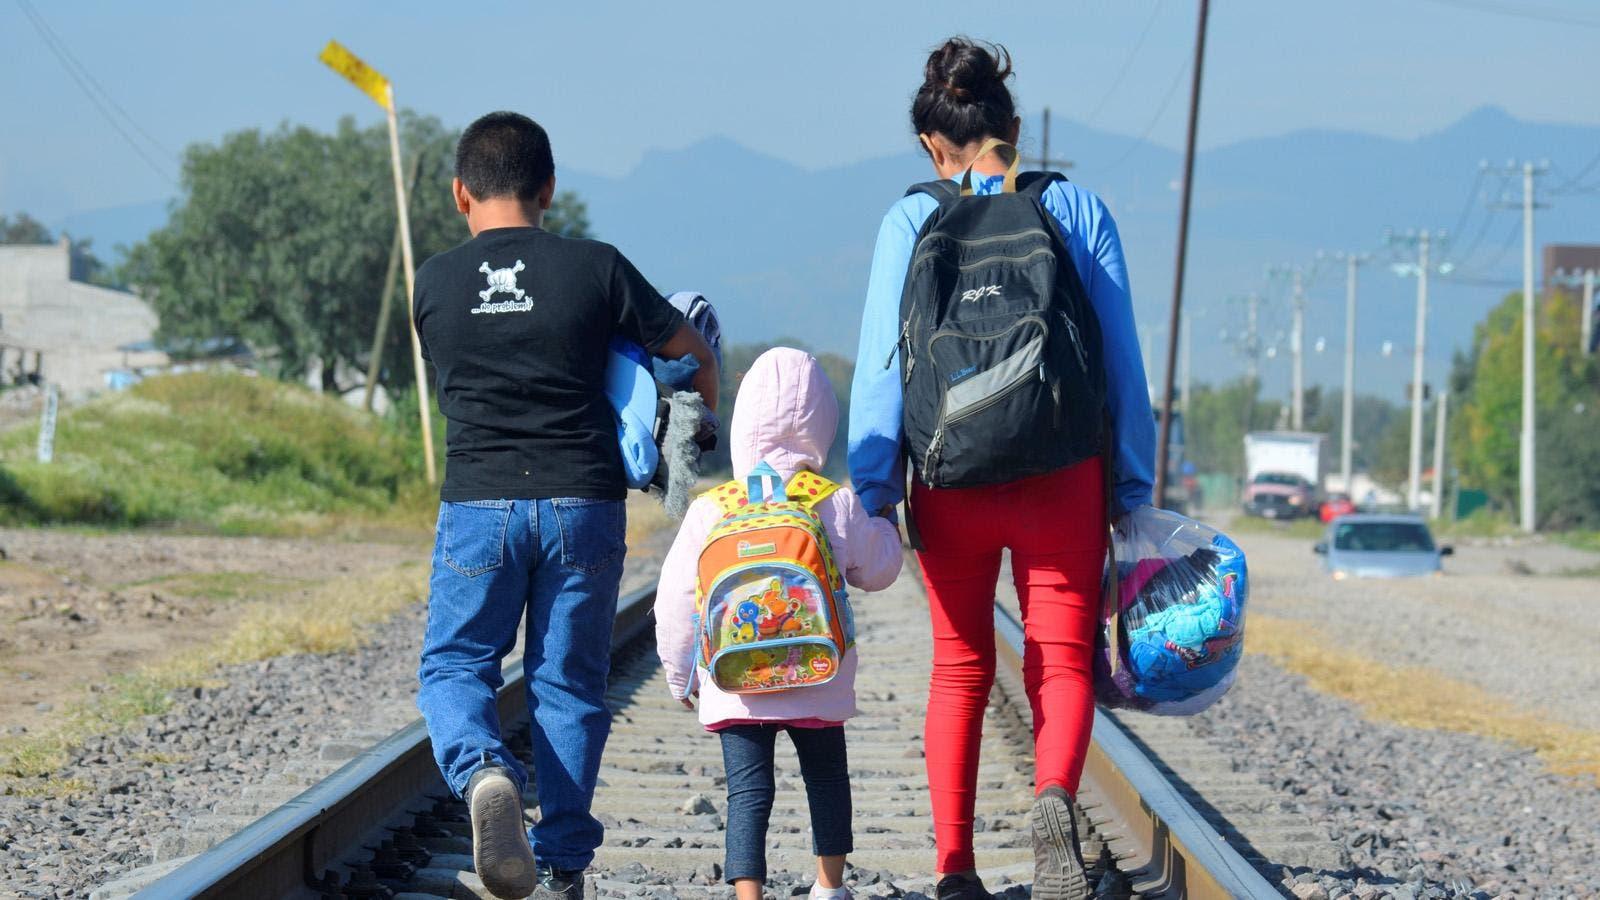 Unicef: Países que no adoptaron pacto están igualmente obligados a garantizar los derechos de los niños migrantes